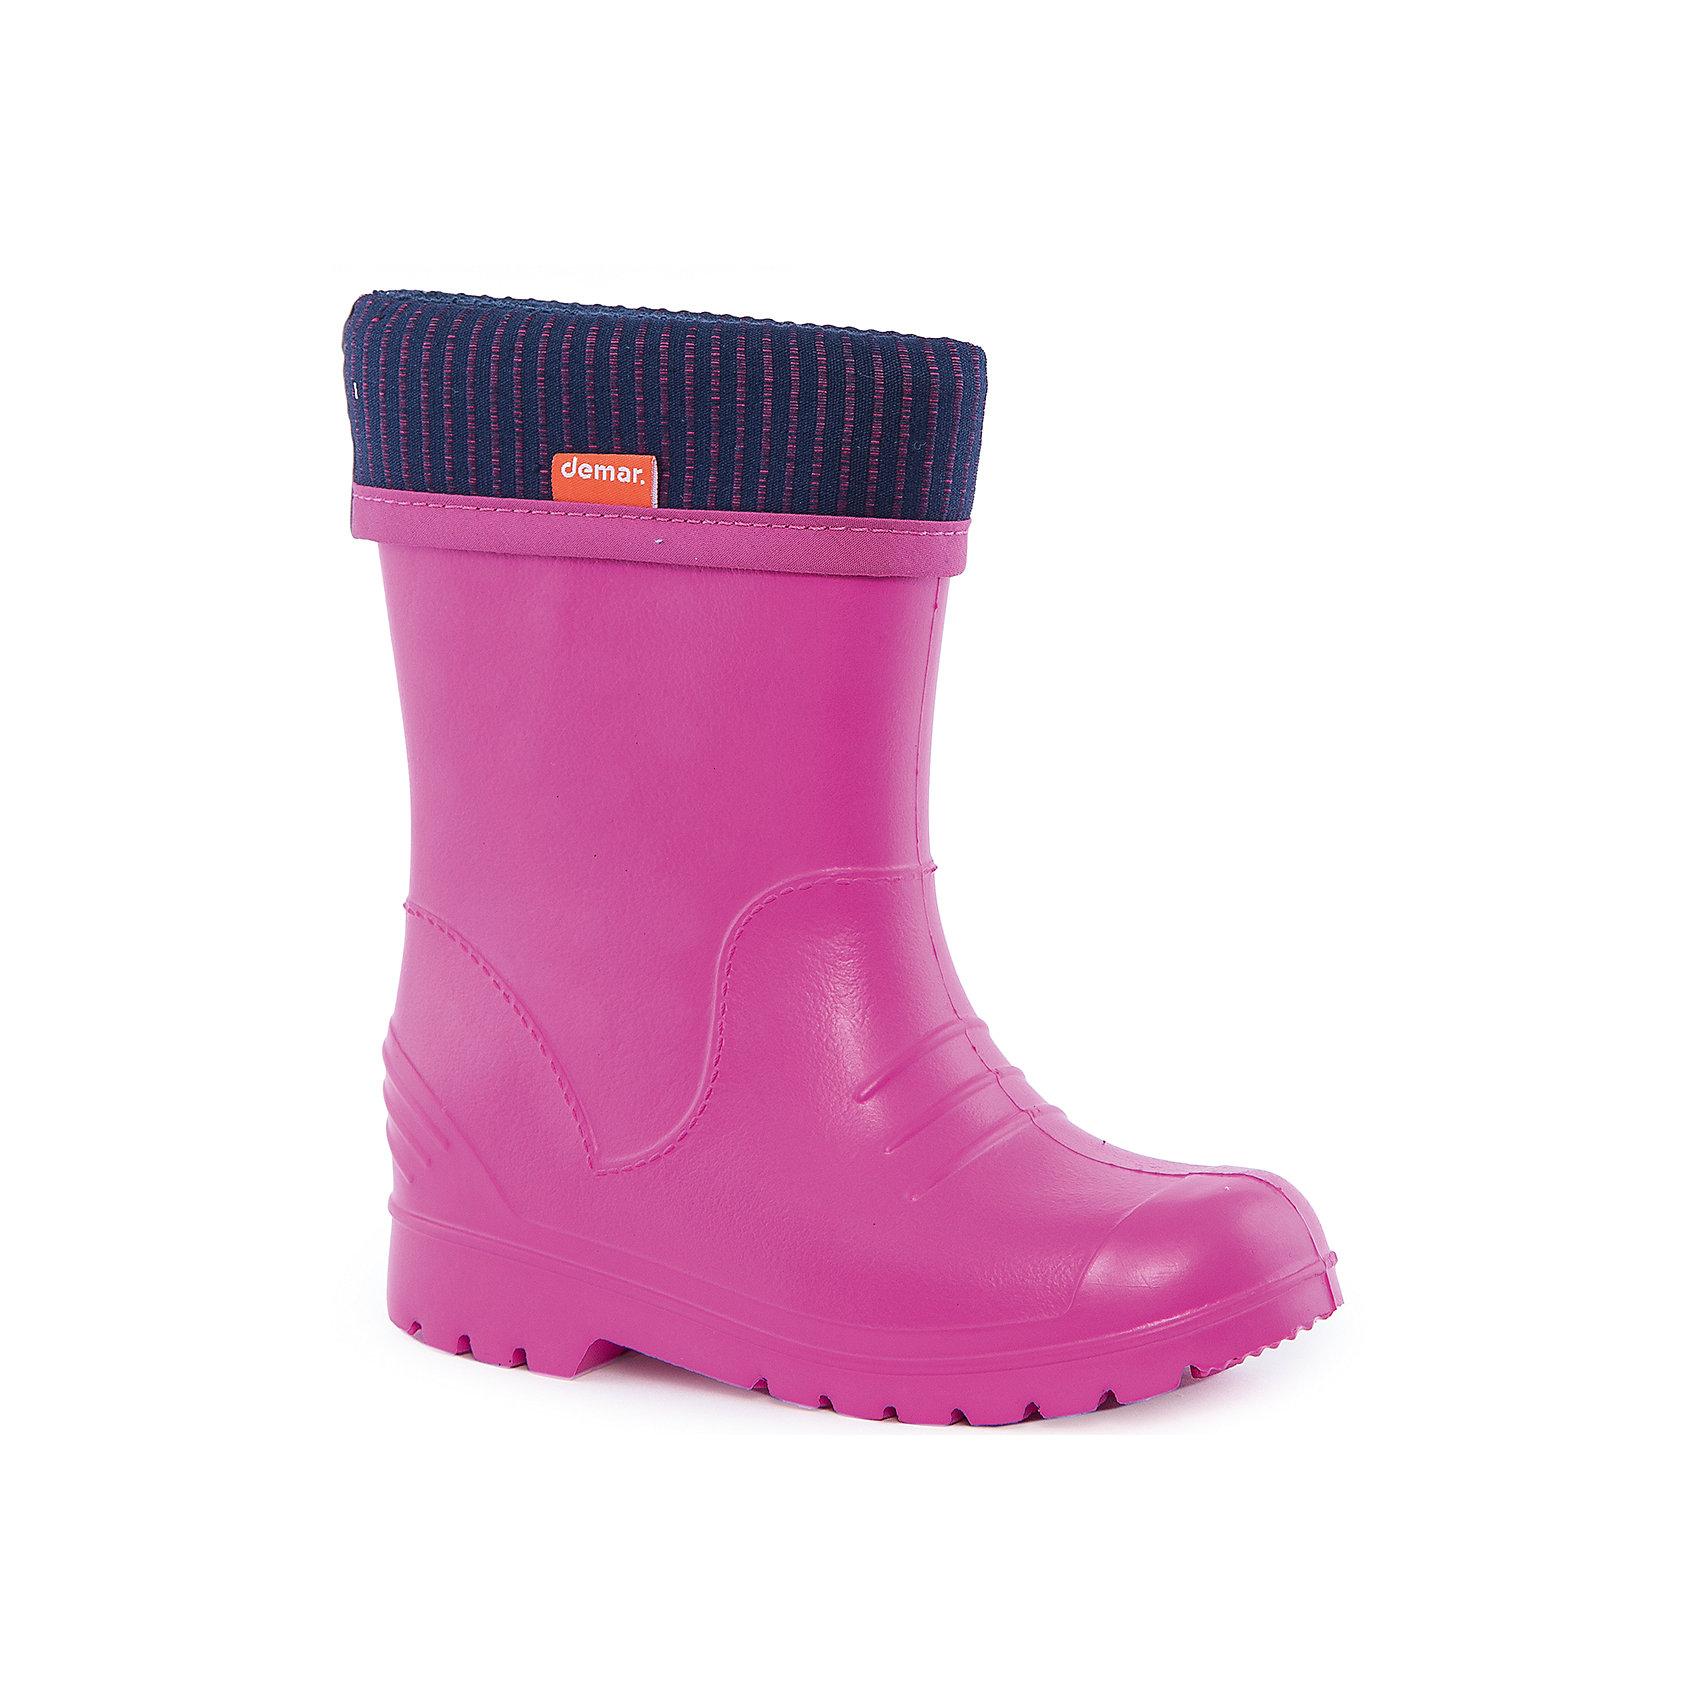 Резиновые сапоги Dino для девочки DEMARРезиновые сапоги<br>Характеристики товара:<br><br>• цвет: розовый<br>• материал верха: ЭВА<br>• материал подкладки: текстиль <br>• съемный внутренний сапожок<br>• материал подошвы: ЭВА<br>• температурный режим: от 0° до +15° С<br>• верх не продувается<br>• стильный дизайн<br>• страна бренда: Польша<br>• страна изготовитель: Польша<br><br>Осенью и весной ребенку не обойтись без непромокаемых сапожек! Чтобы не пропустить главные удовольствия межсезонья, нужно запастись удобной обувью. Такие сапожки обеспечат ребенку необходимый для активного отдыха комфорт, а подкладка из текстиля позволит ножкам оставаться теплыми. Сапожки легко надеваются и снимаются, отлично сидят на ноге. Они удивительно легкие!<br>Обувь от польского бренда Demar - это качественные товары, созданные с применением новейших технологий и с использованием как натуральных, так и высокотехнологичных материалов. Обувь отличается стильным дизайном и продуманной конструкцией. Изделие производится из качественных и проверенных материалов, которые безопасны для детей.<br><br>Сапожки от бренда Demar (Демар) можно купить в нашем интернет-магазине.<br><br>Ширина мм: 237<br>Глубина мм: 180<br>Высота мм: 152<br>Вес г: 438<br>Цвет: розовый<br>Возраст от месяцев: 48<br>Возраст до месяцев: 60<br>Пол: Женский<br>Возраст: Детский<br>Размер: 28/29,36/37,34/35,32/33,30/31,24/25,26/27,22/23<br>SKU: 4576152